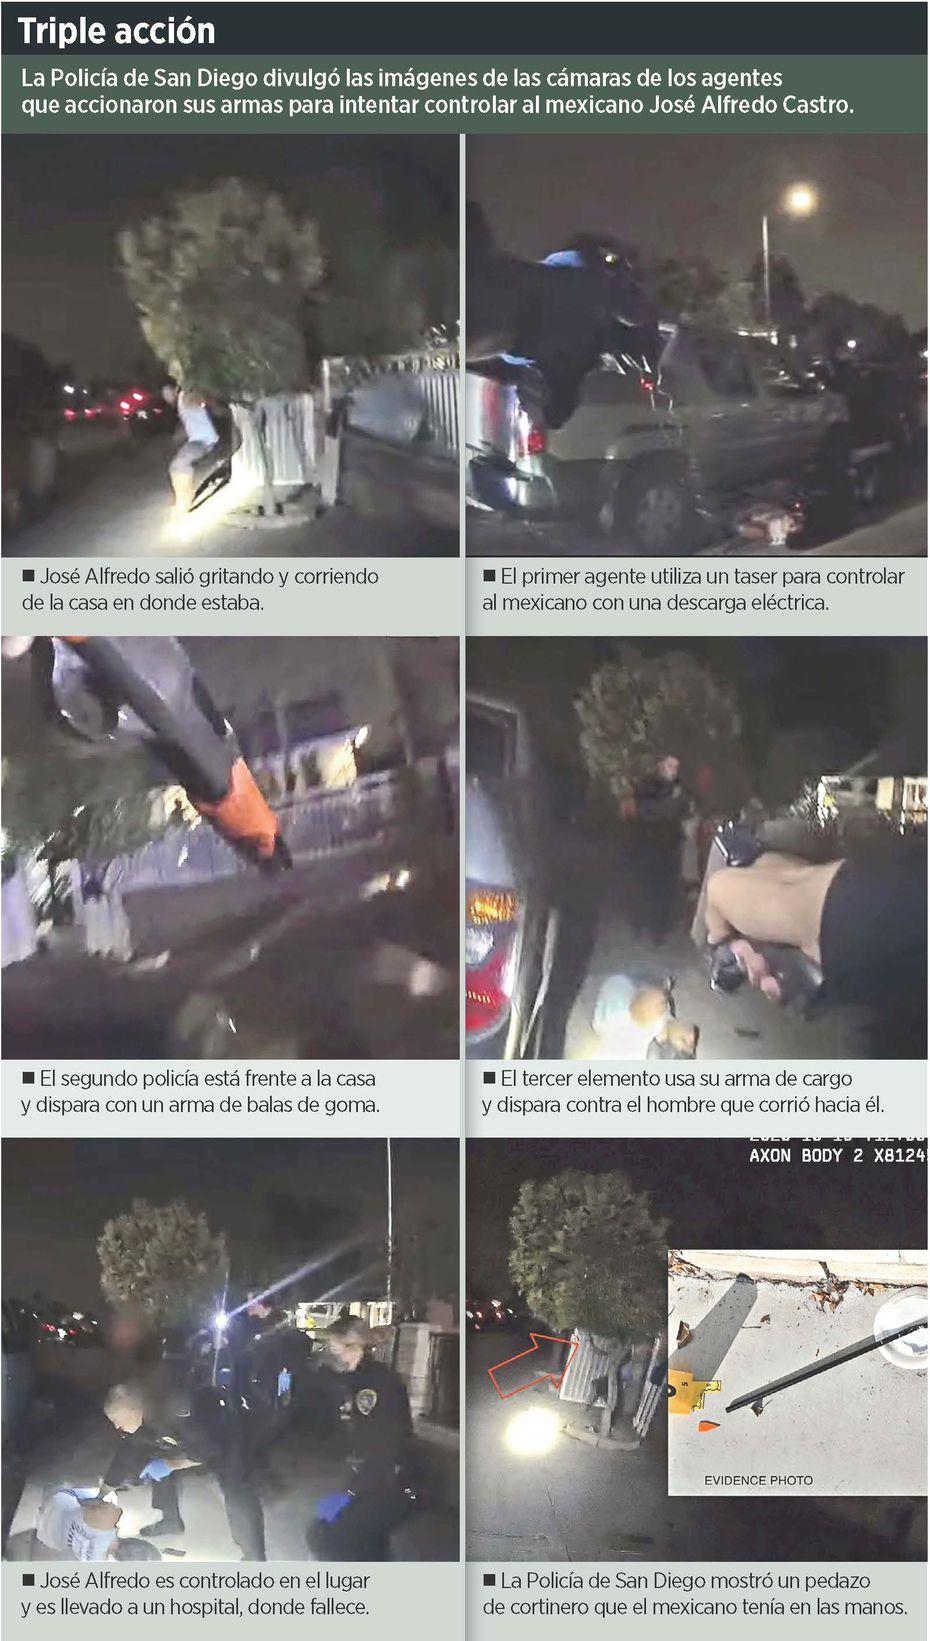 José Alfredo Castro Gutiérrez estaba sufriendo un ataque de pánico cuando se pidió la intervención de los agentes en San Diego